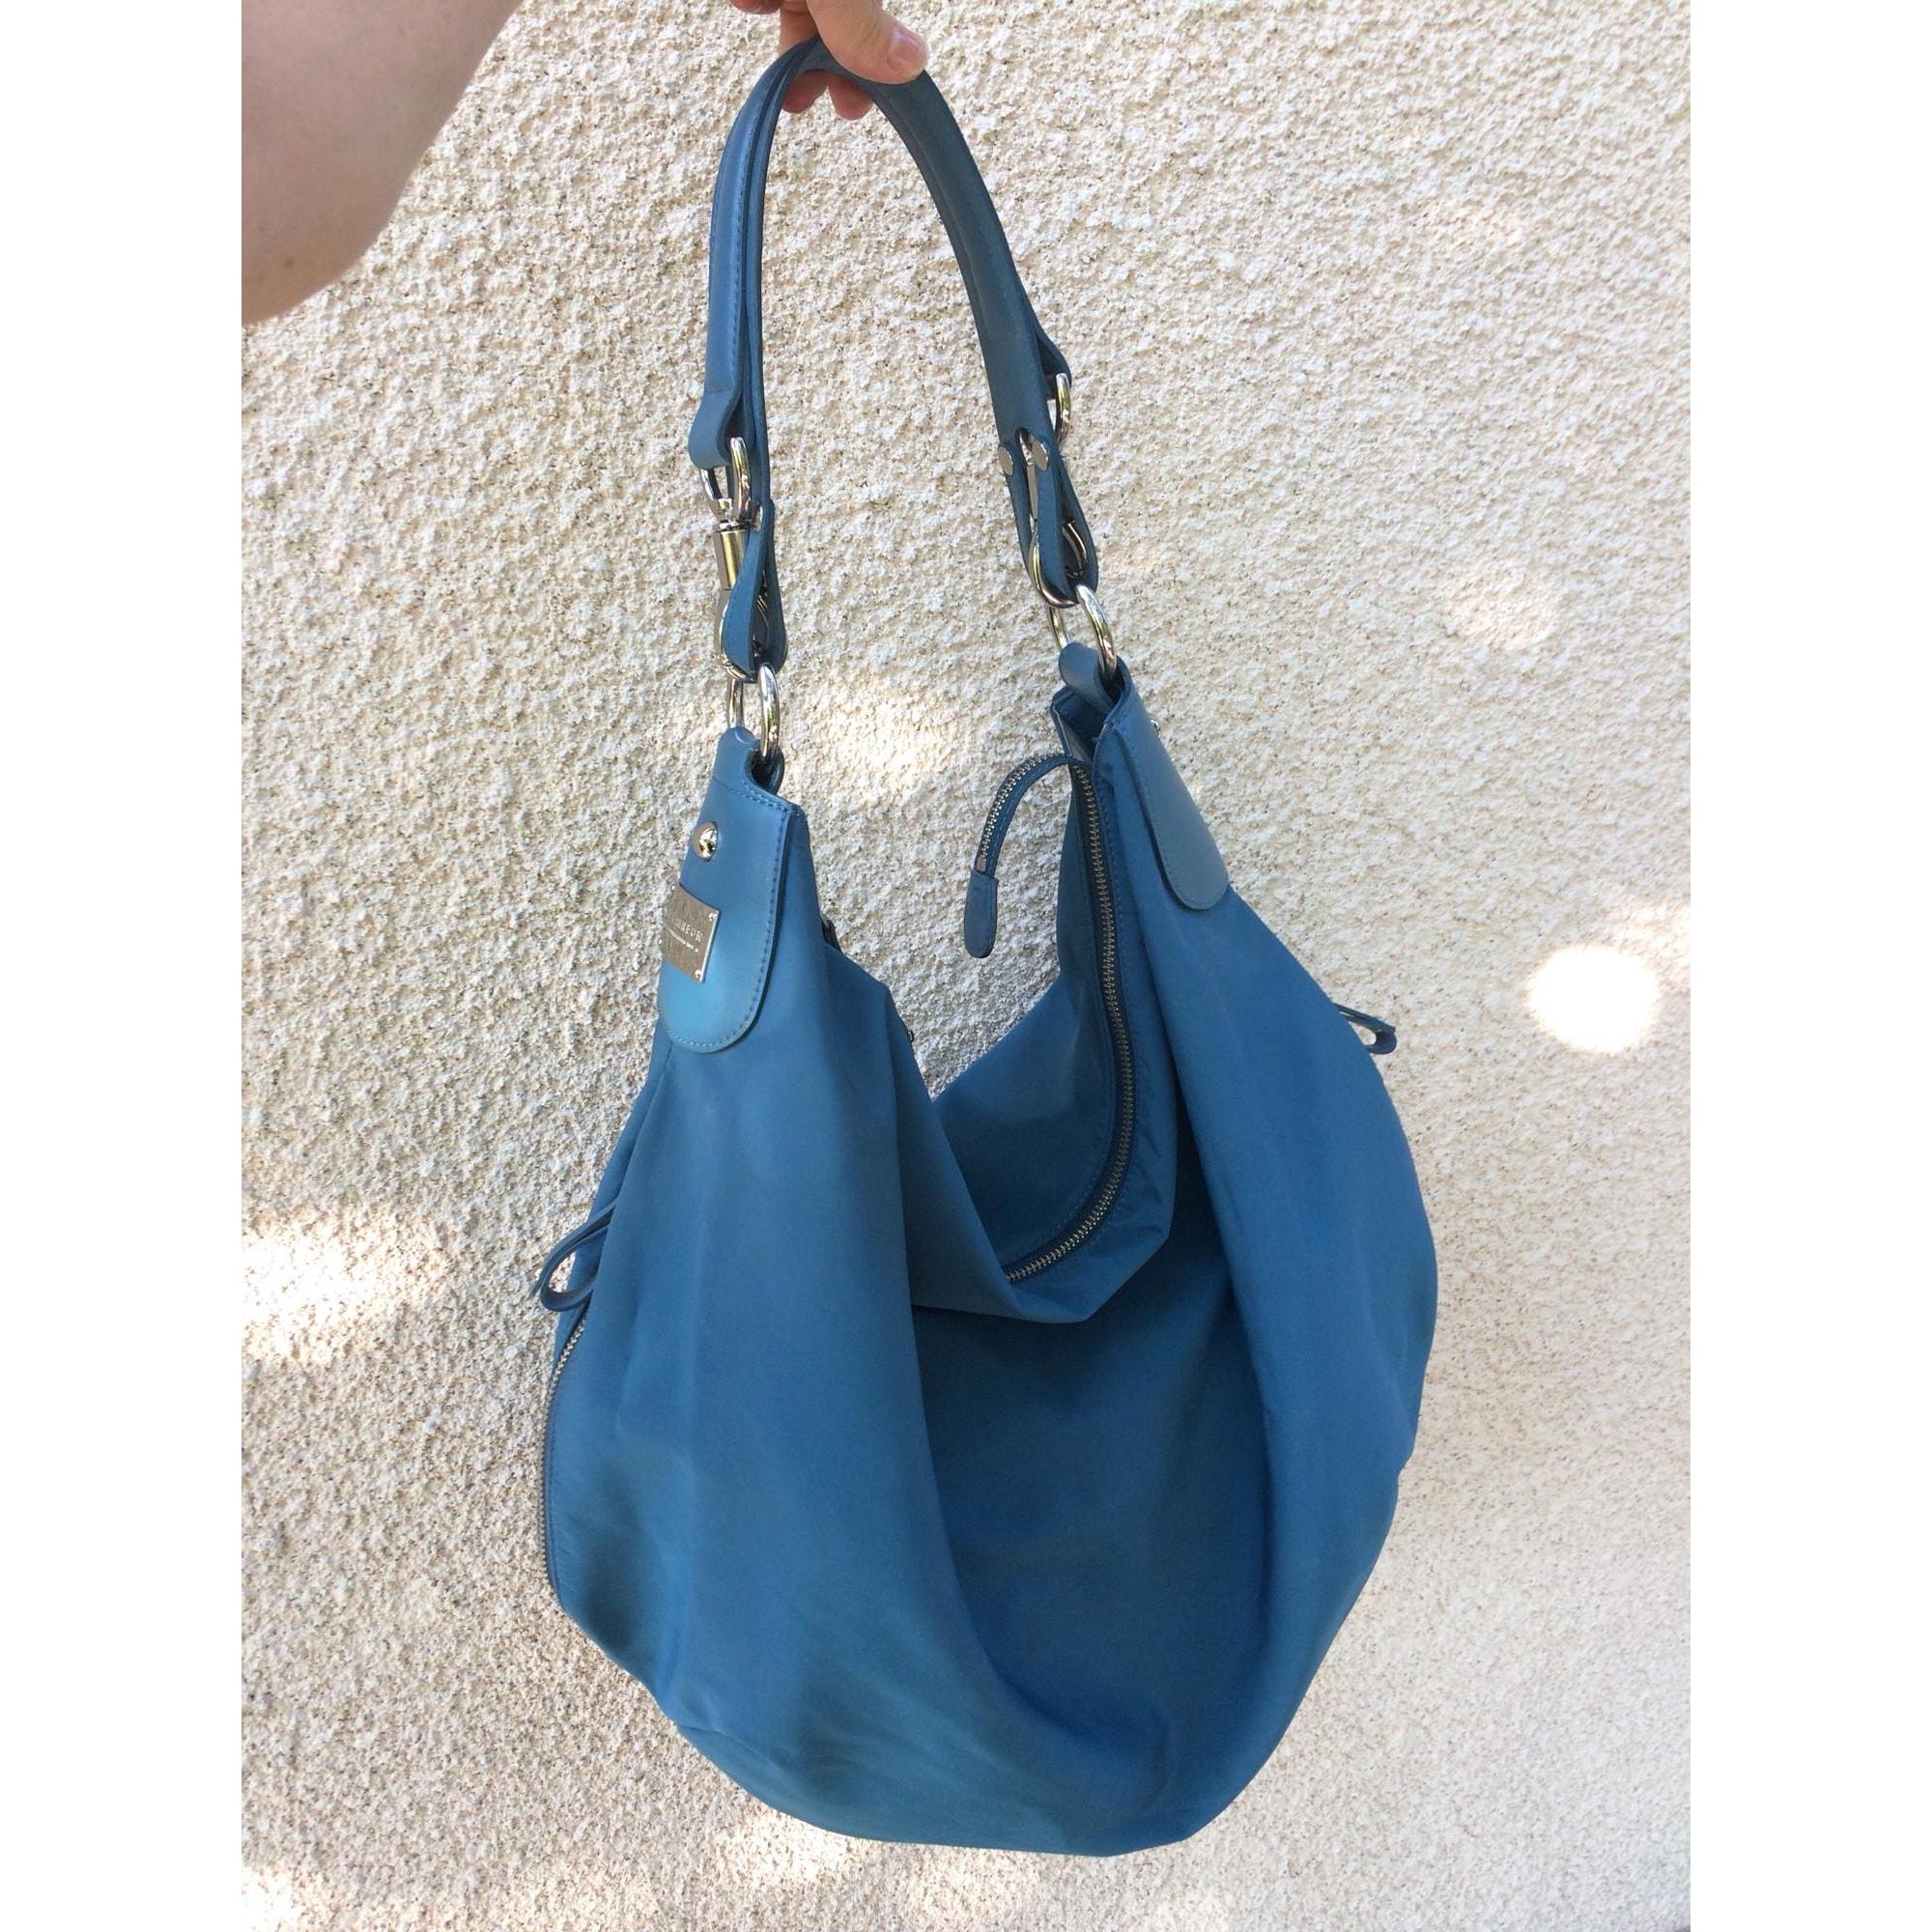 Sac à main en tissu LE TANNEUR Bleu, bleu marine, bleu turquoise